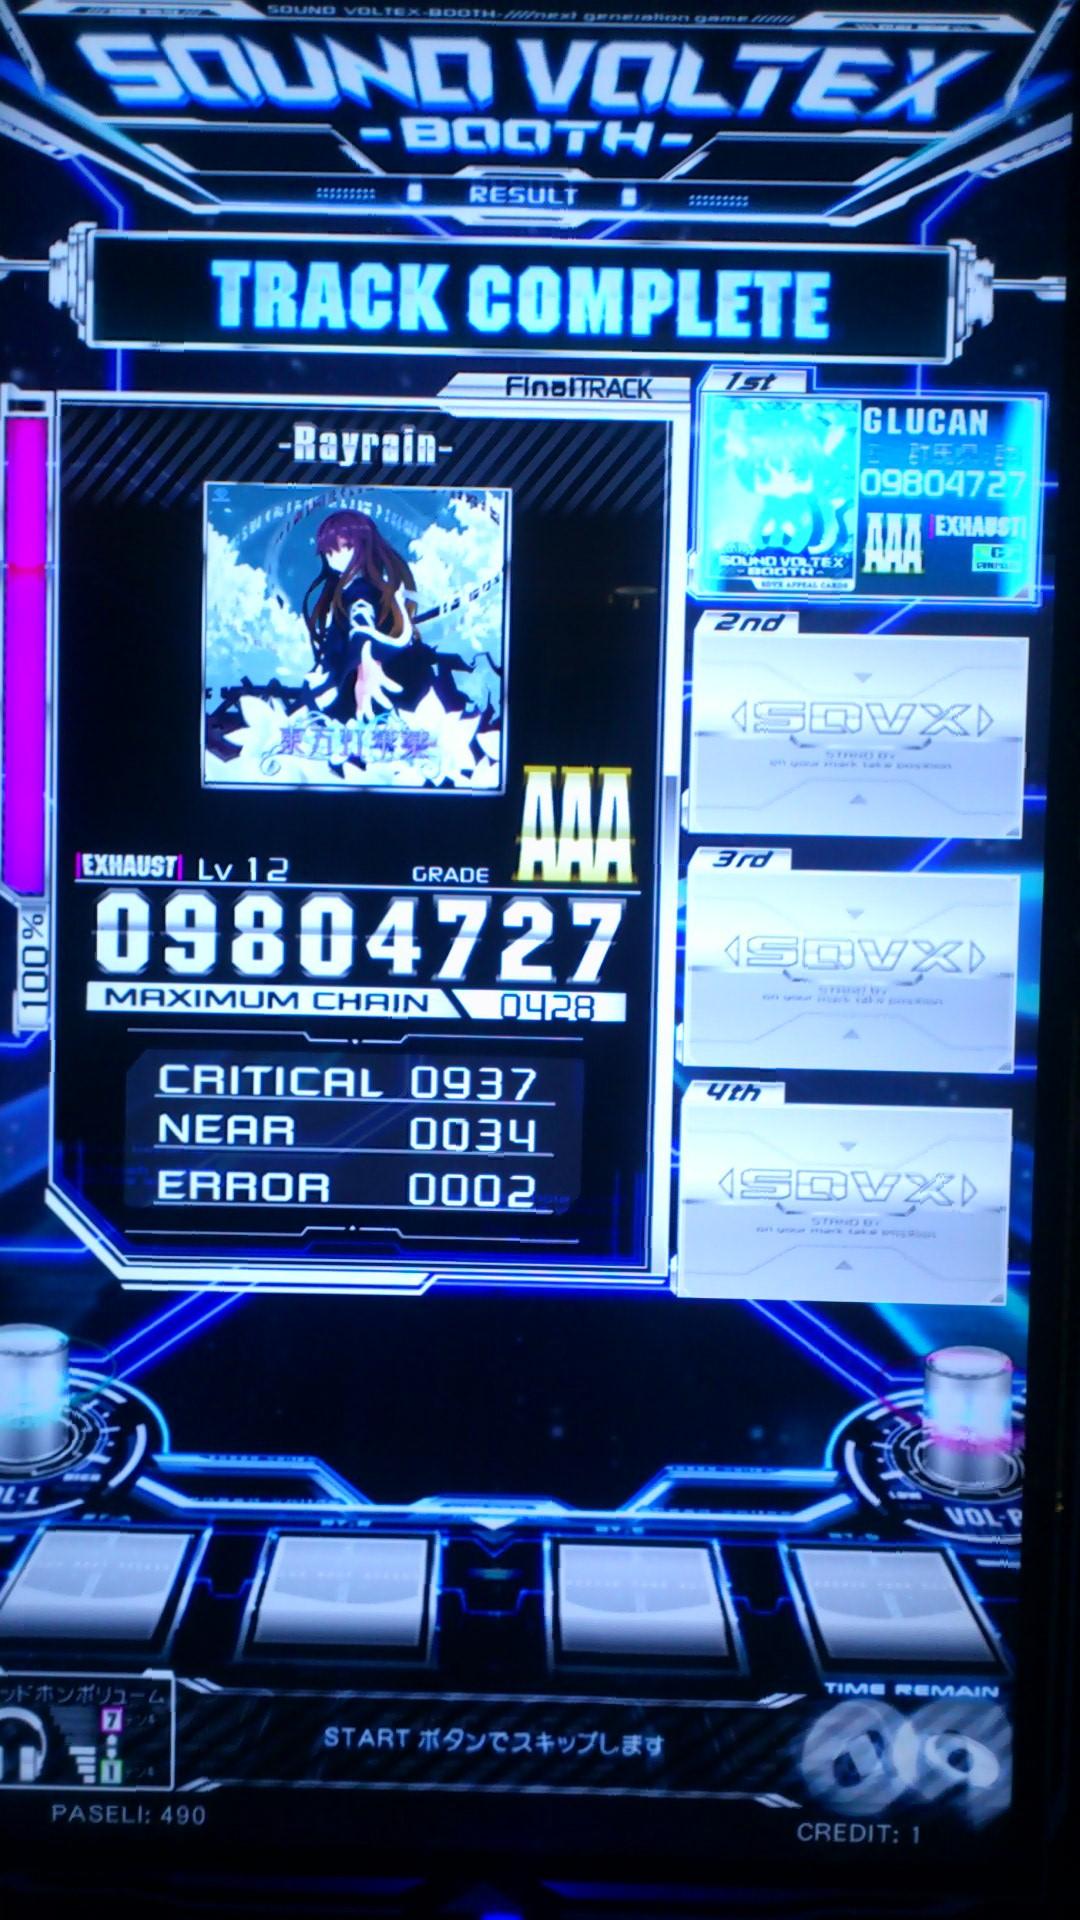 Rayrain AAA